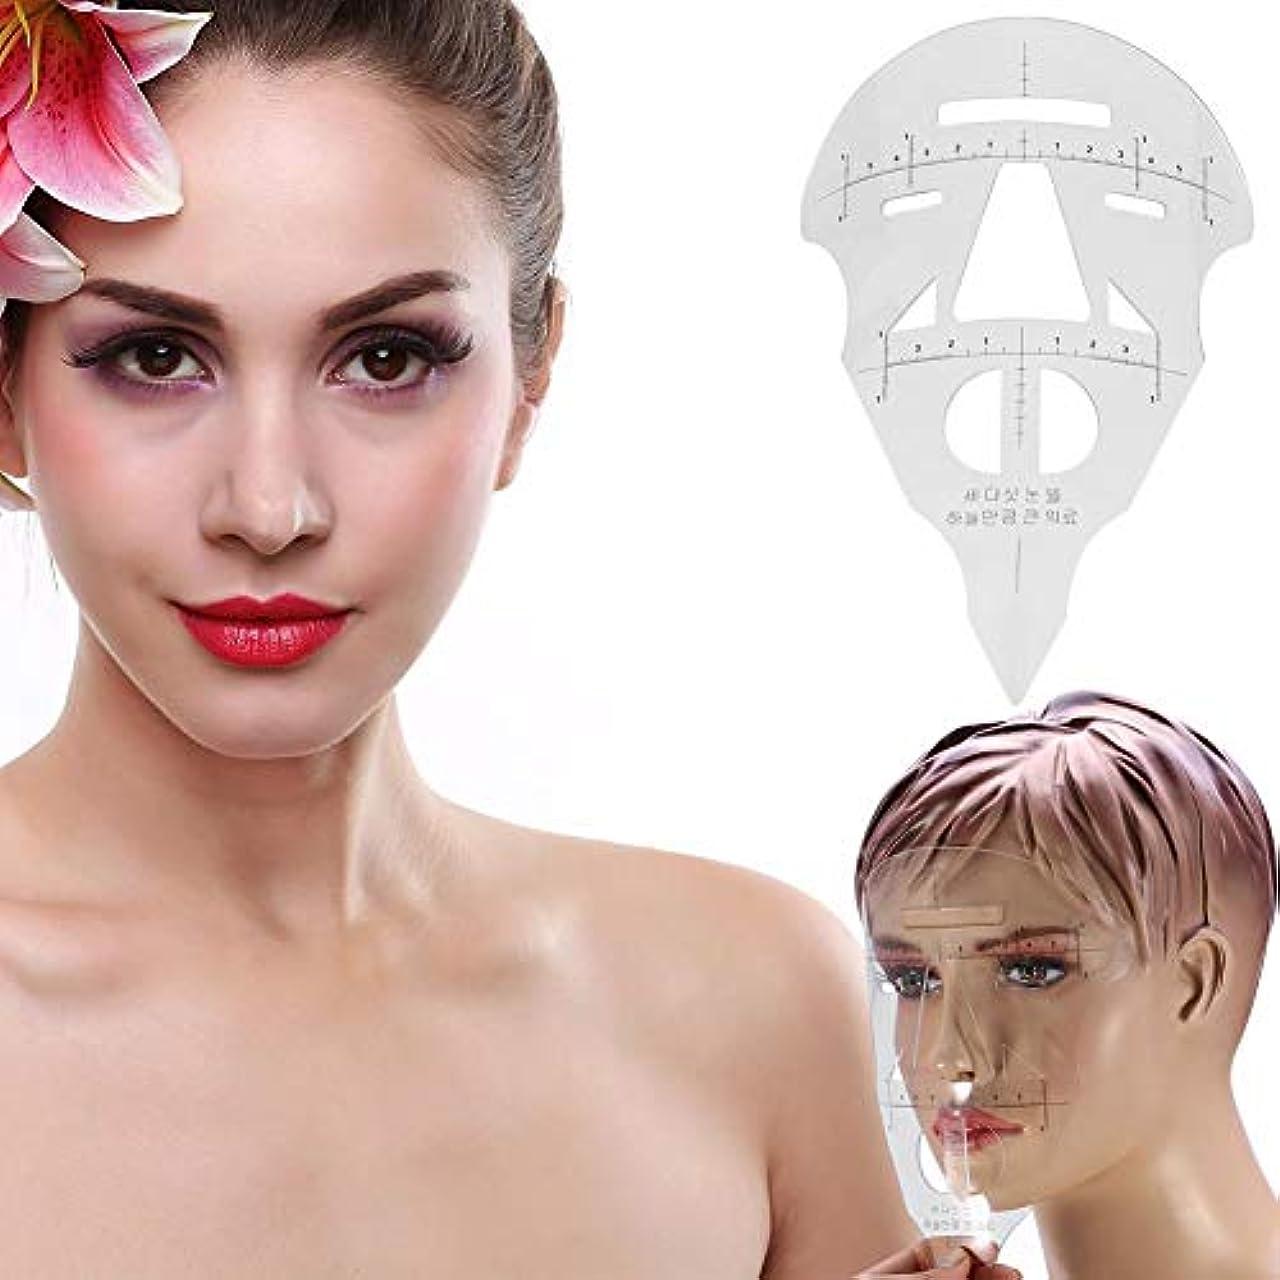 まどろみのある細いアトラス眉定規、2ピース新しい顔眉定規タトゥーステンシルメジャーツール半永久化粧アクセサリー